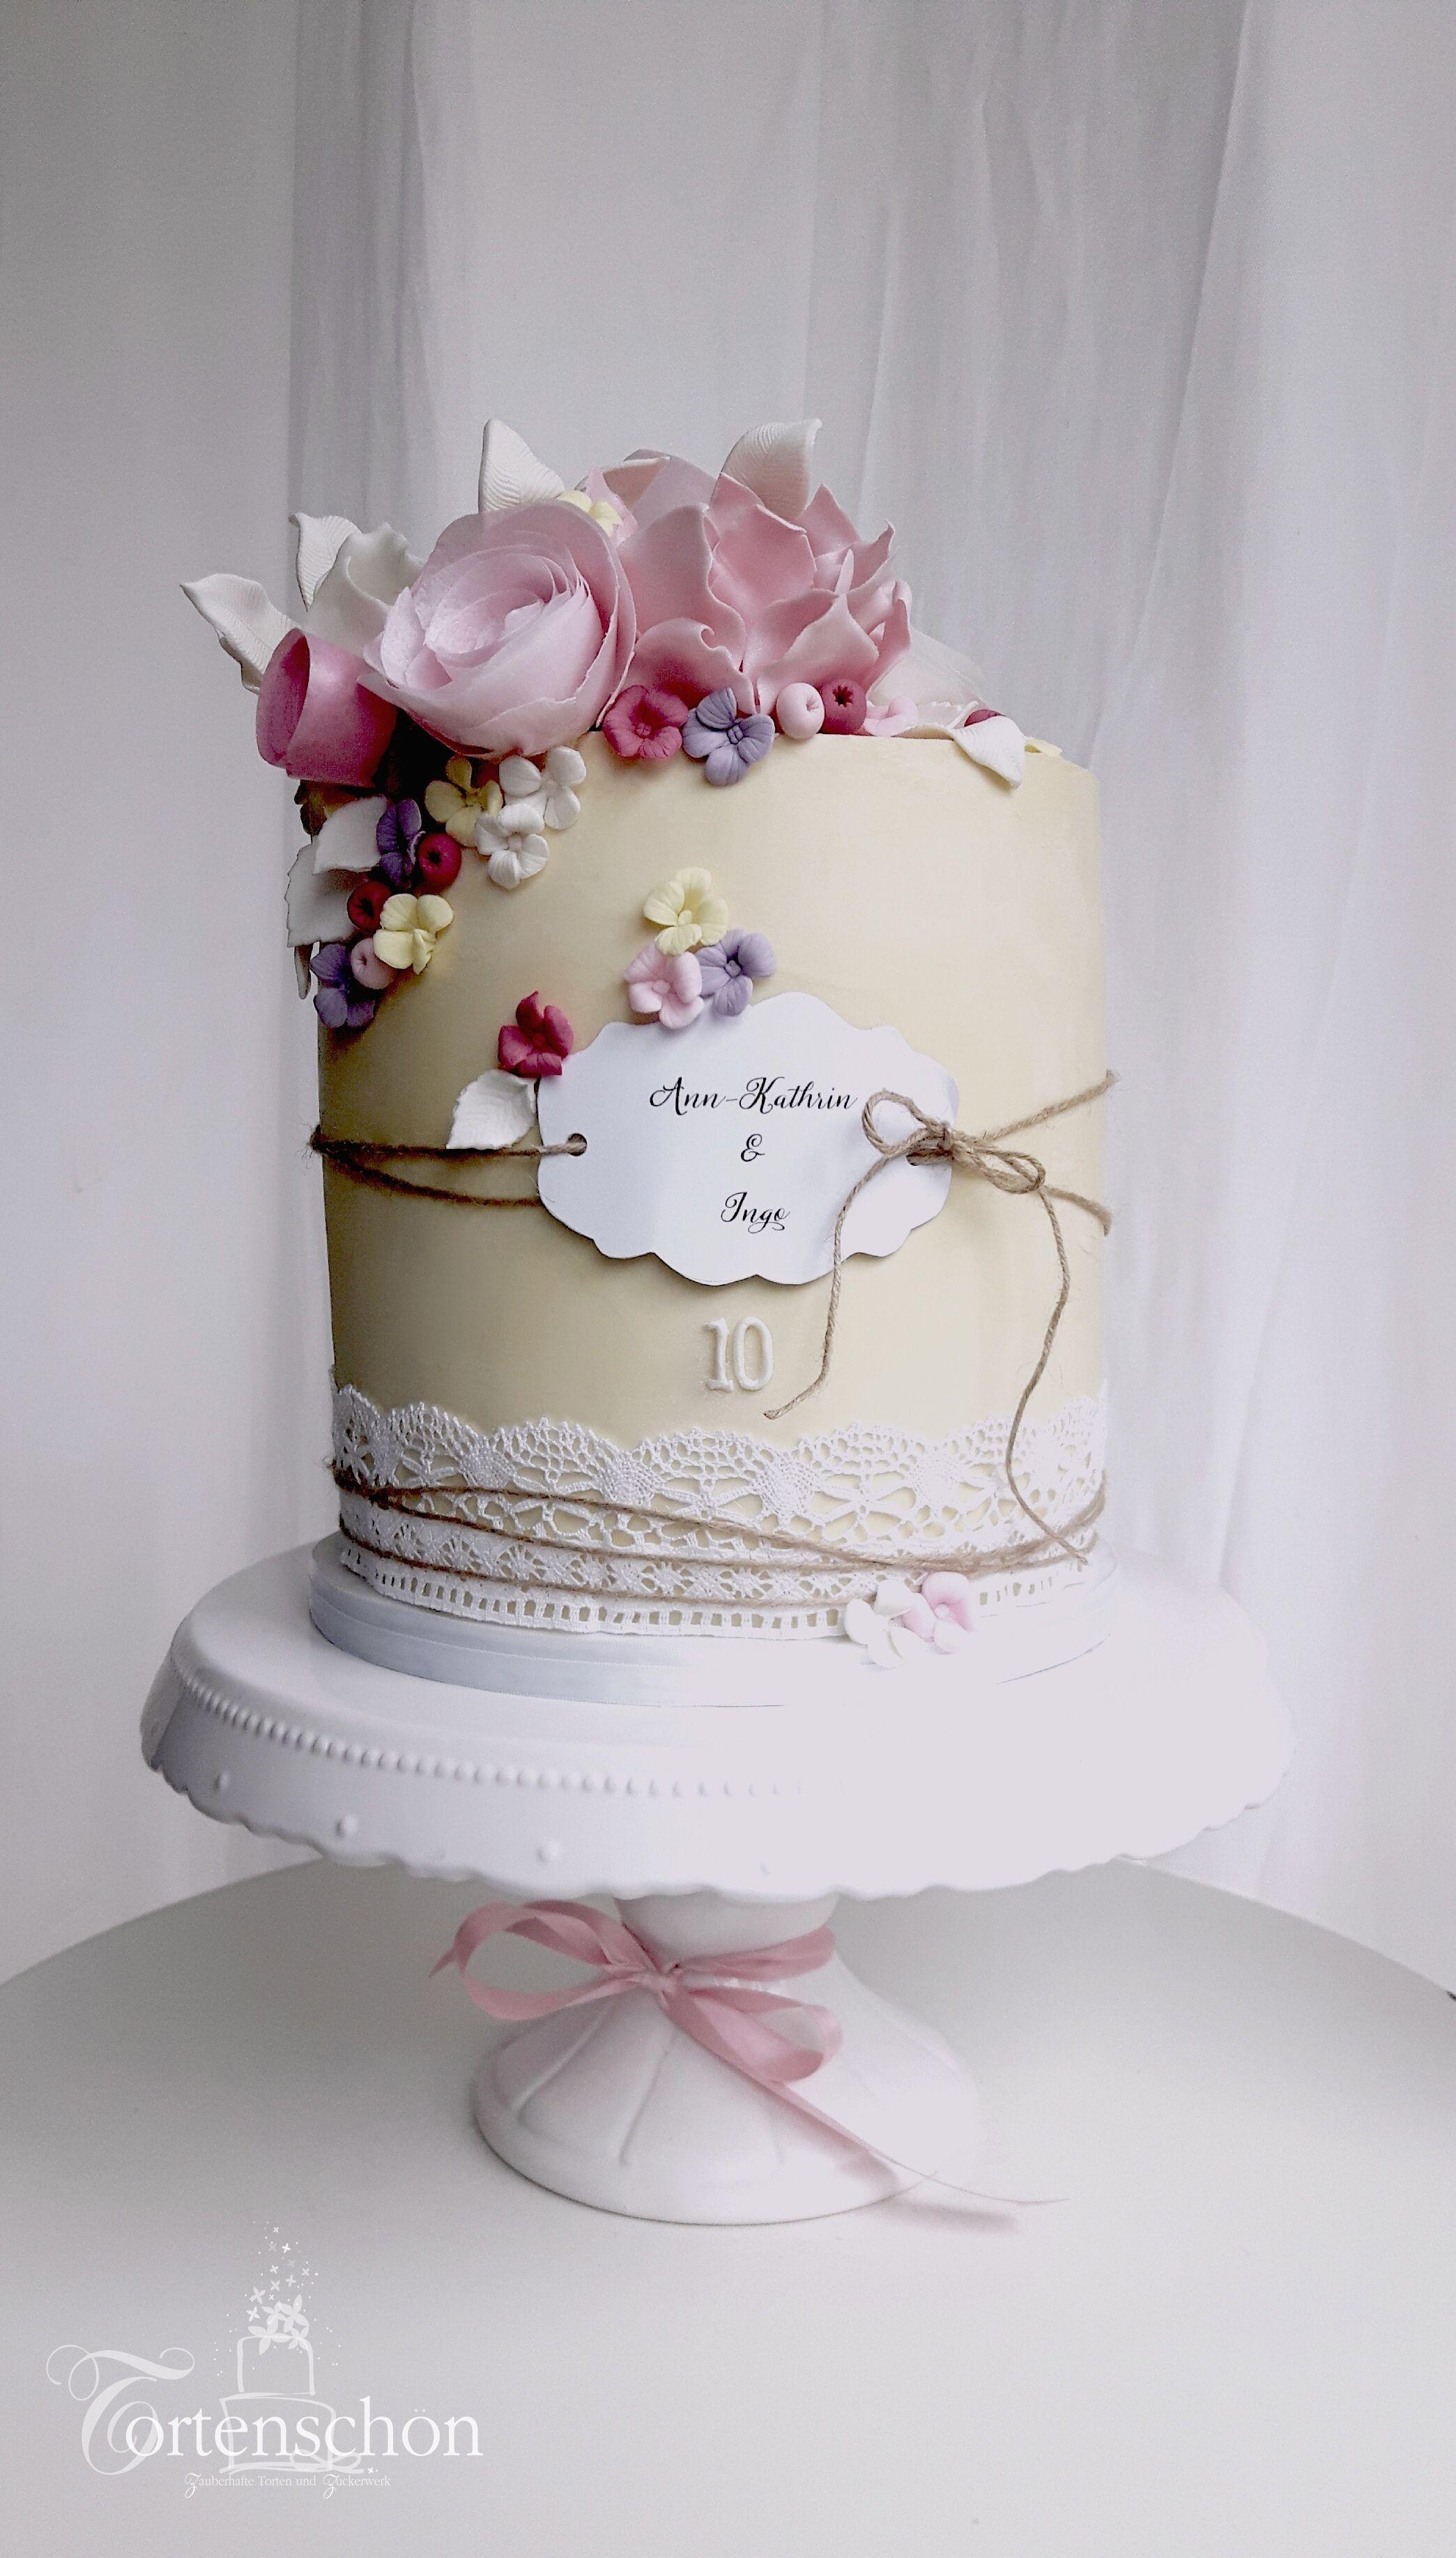 Weddingcake Von Tortenschon Www Tortenschoen De Einstockige